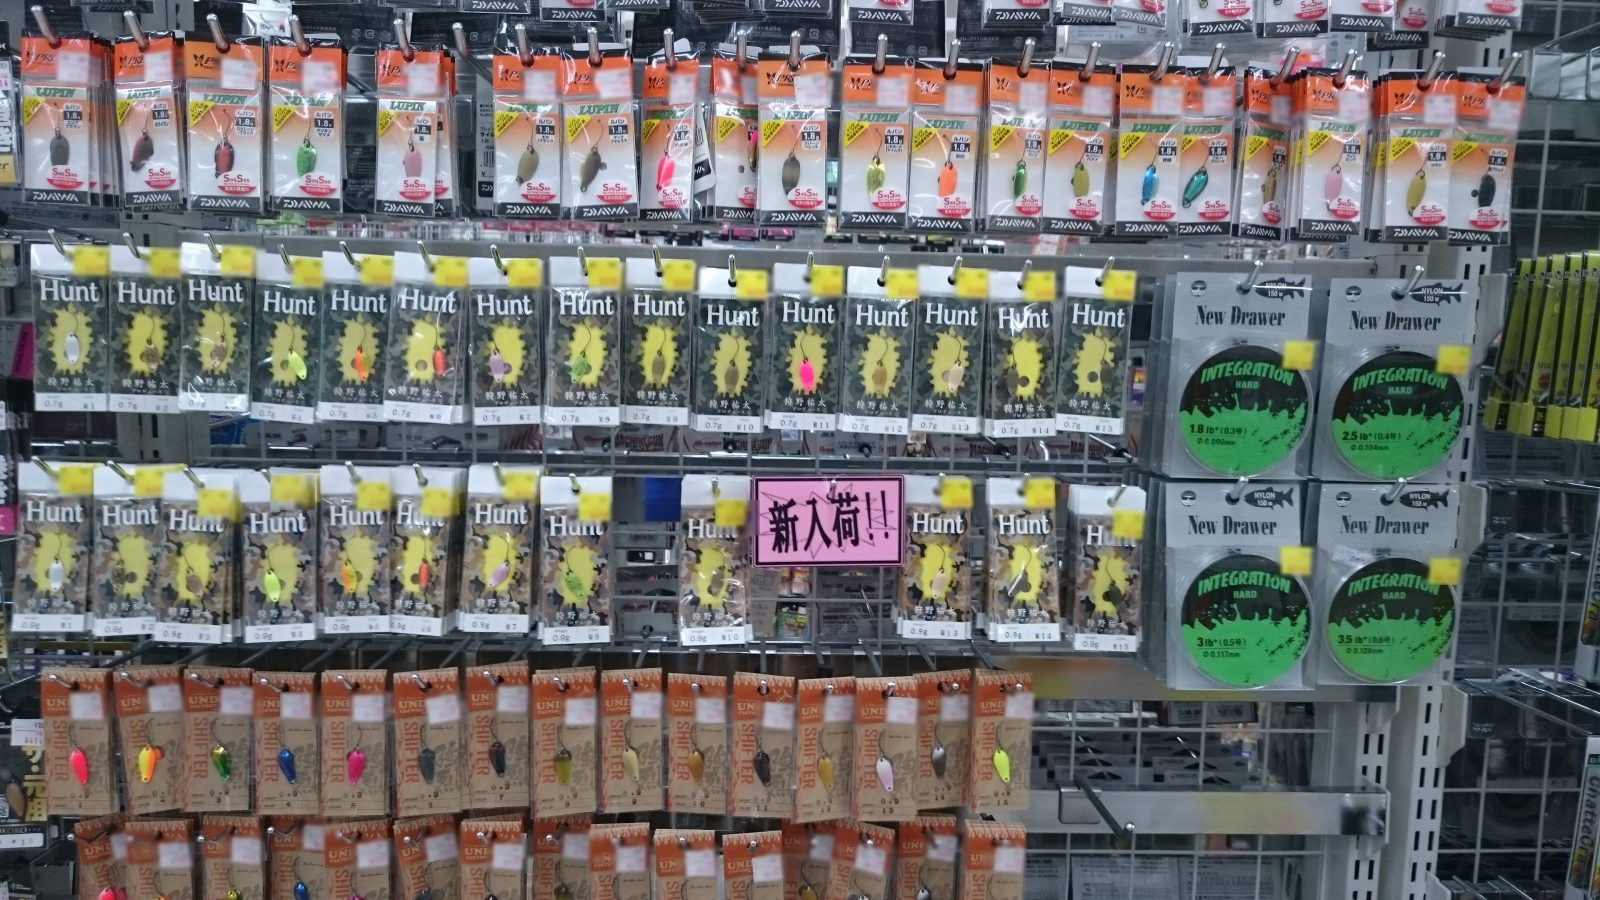 神奈川では当店が初!取り扱い開始!New Drawer『ハント0.7g/0.9g、インテグレーション全号数』